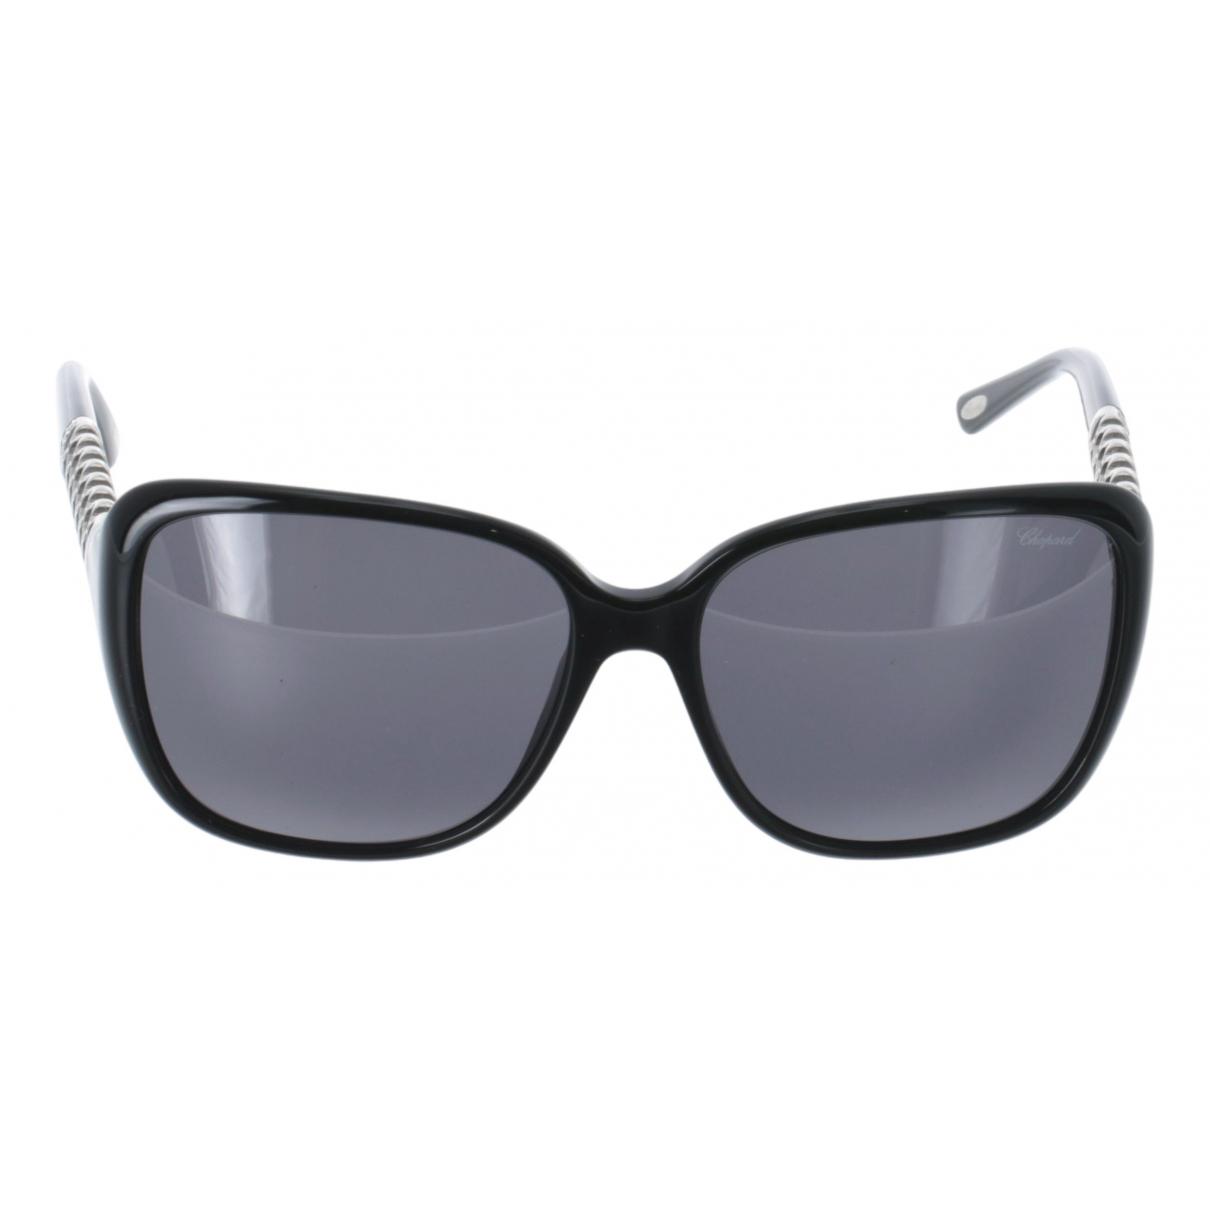 Gafas Chopard